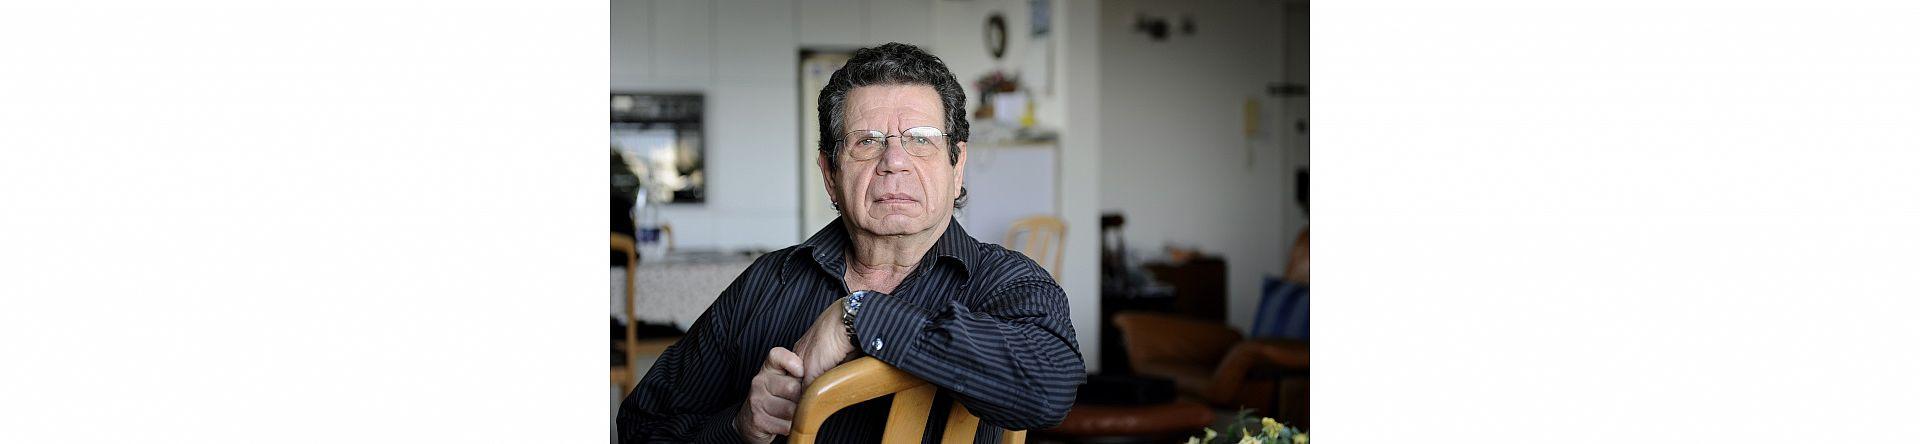 אבי אוסטרובסקי (צלם: דניאל צ'צ'יק)